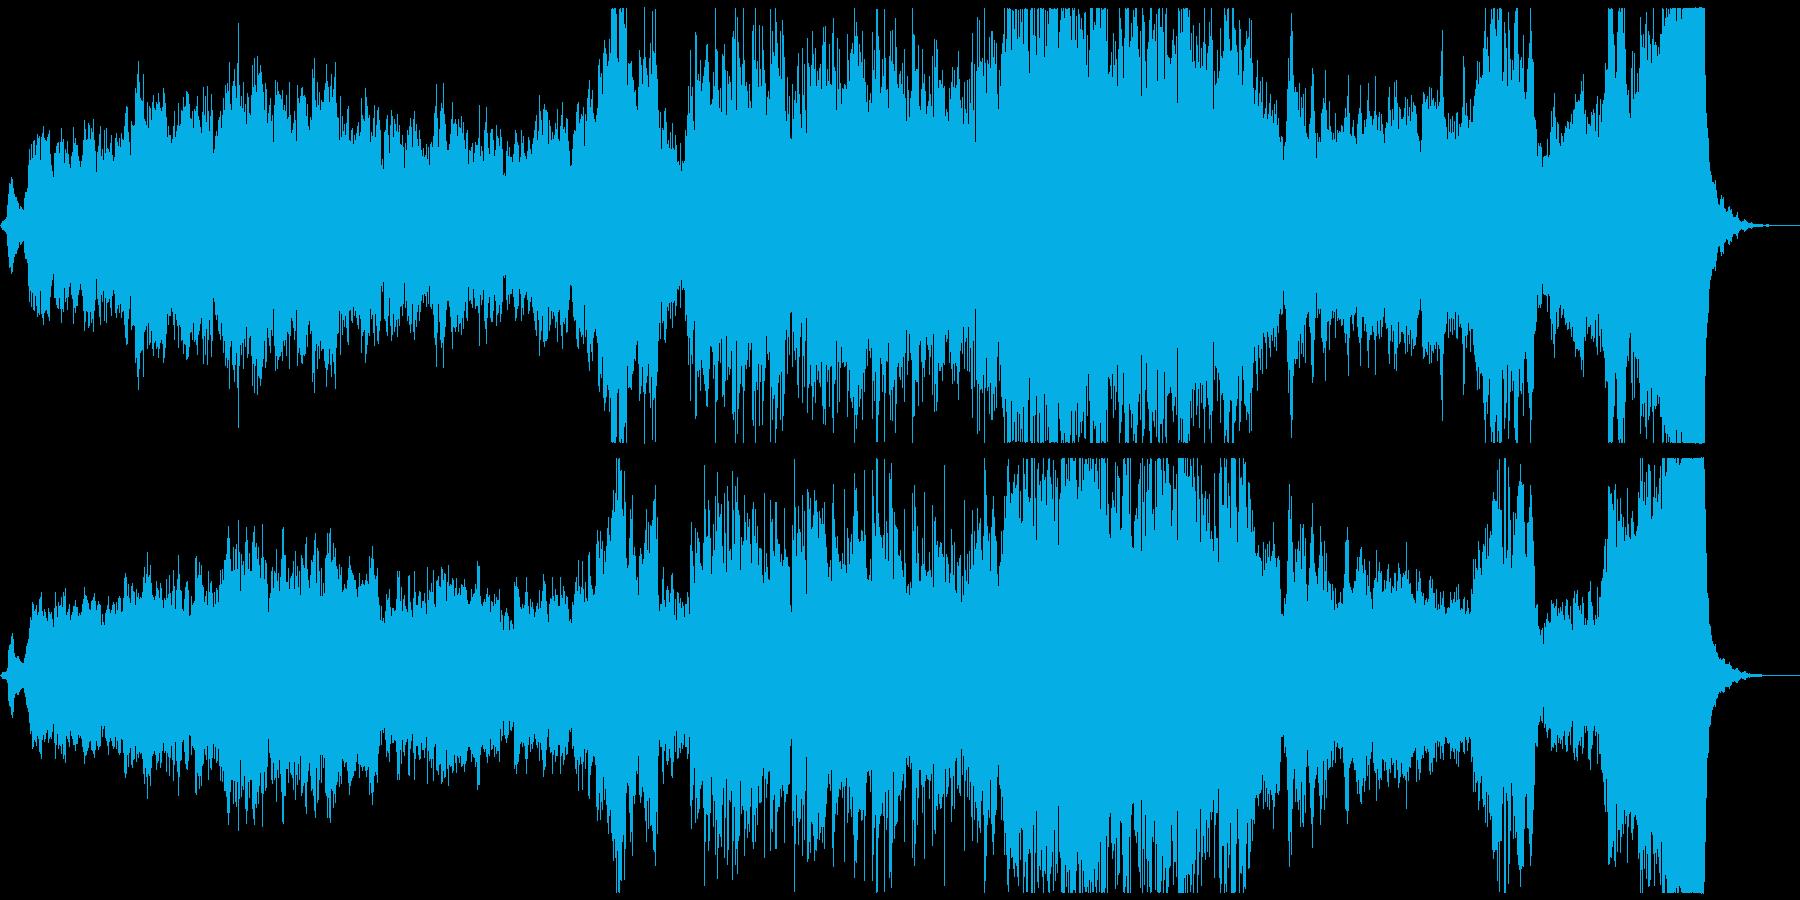 深海のような神秘的なオーケストラ楽曲の再生済みの波形